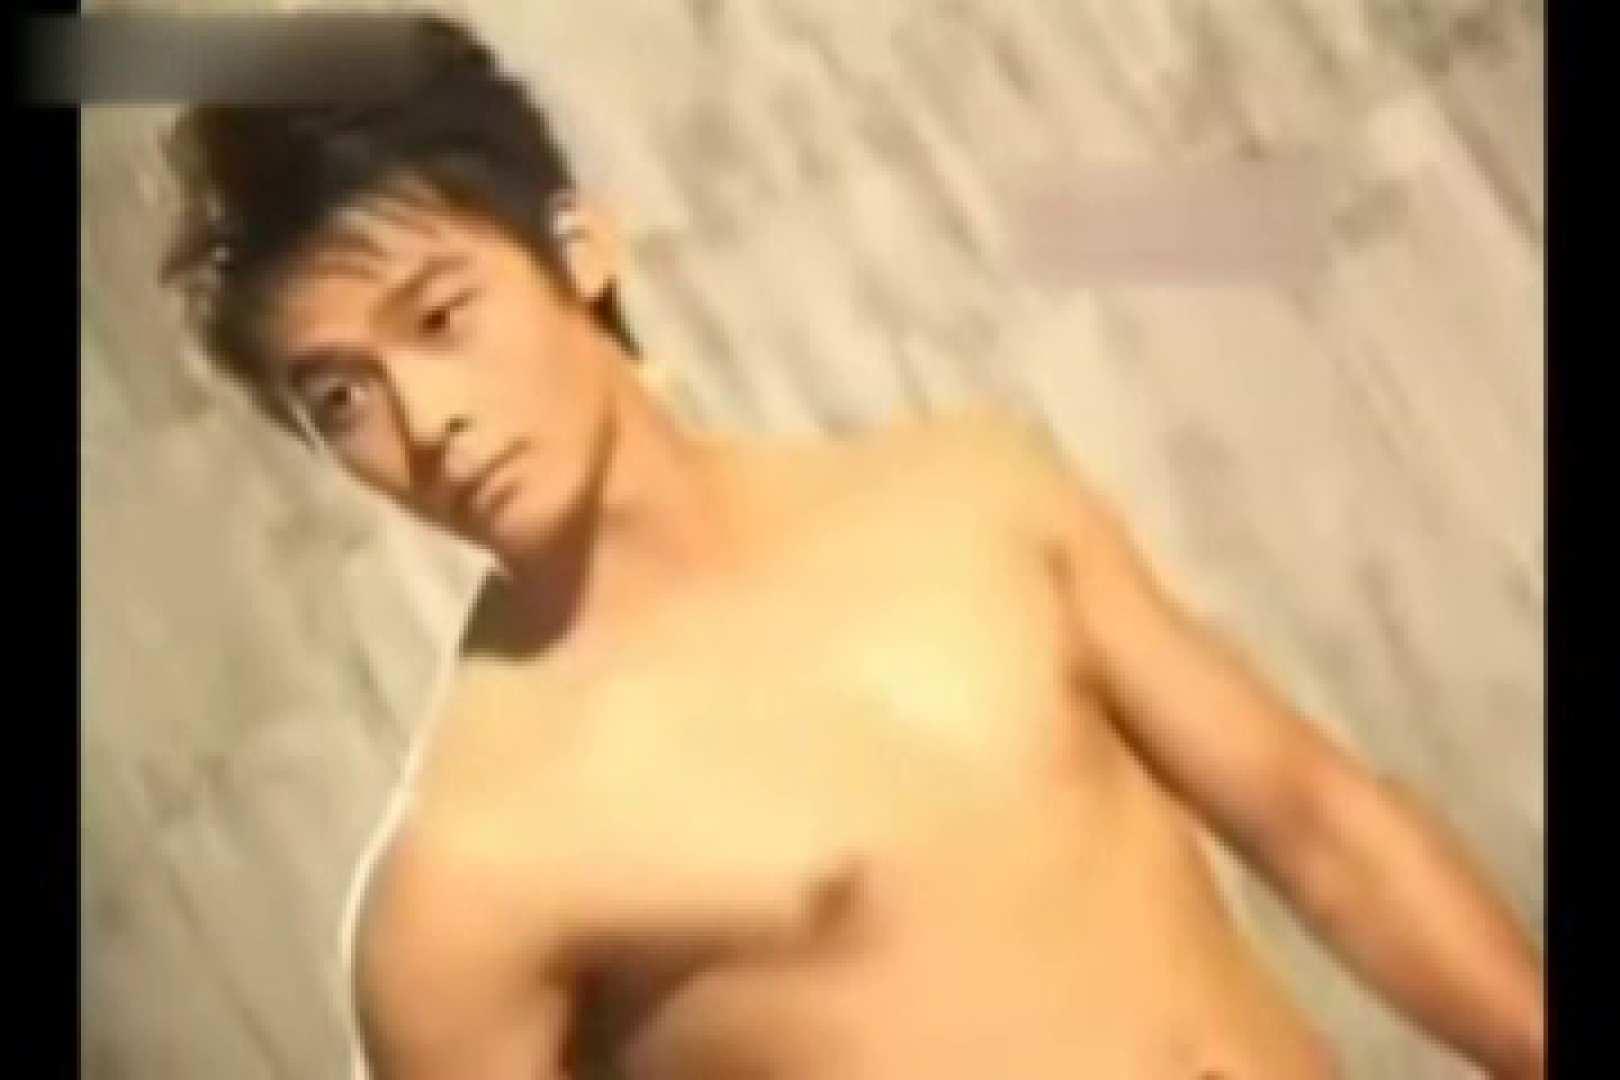 中出有名ゲイ雑誌★魅力●生★付録DVD収録スーパーモデルヌードvol11 ゲイヌード   ゲイのモデル  8枚 3